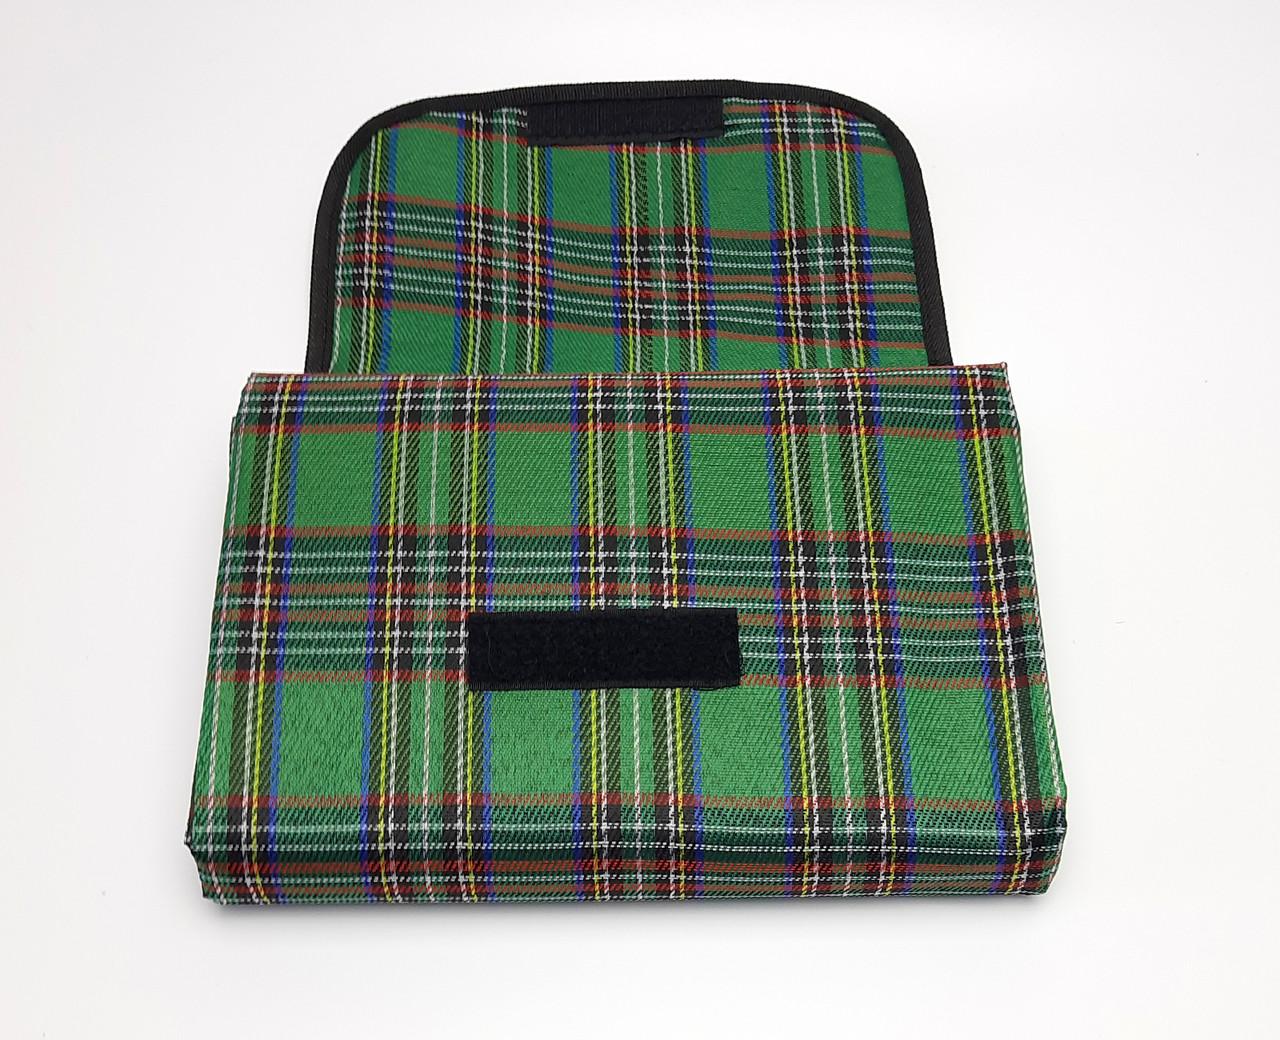 Коврик для пикника зеленый, водонепроницаемый плед на природу, подстилка для пикника, непромокаемый коврик